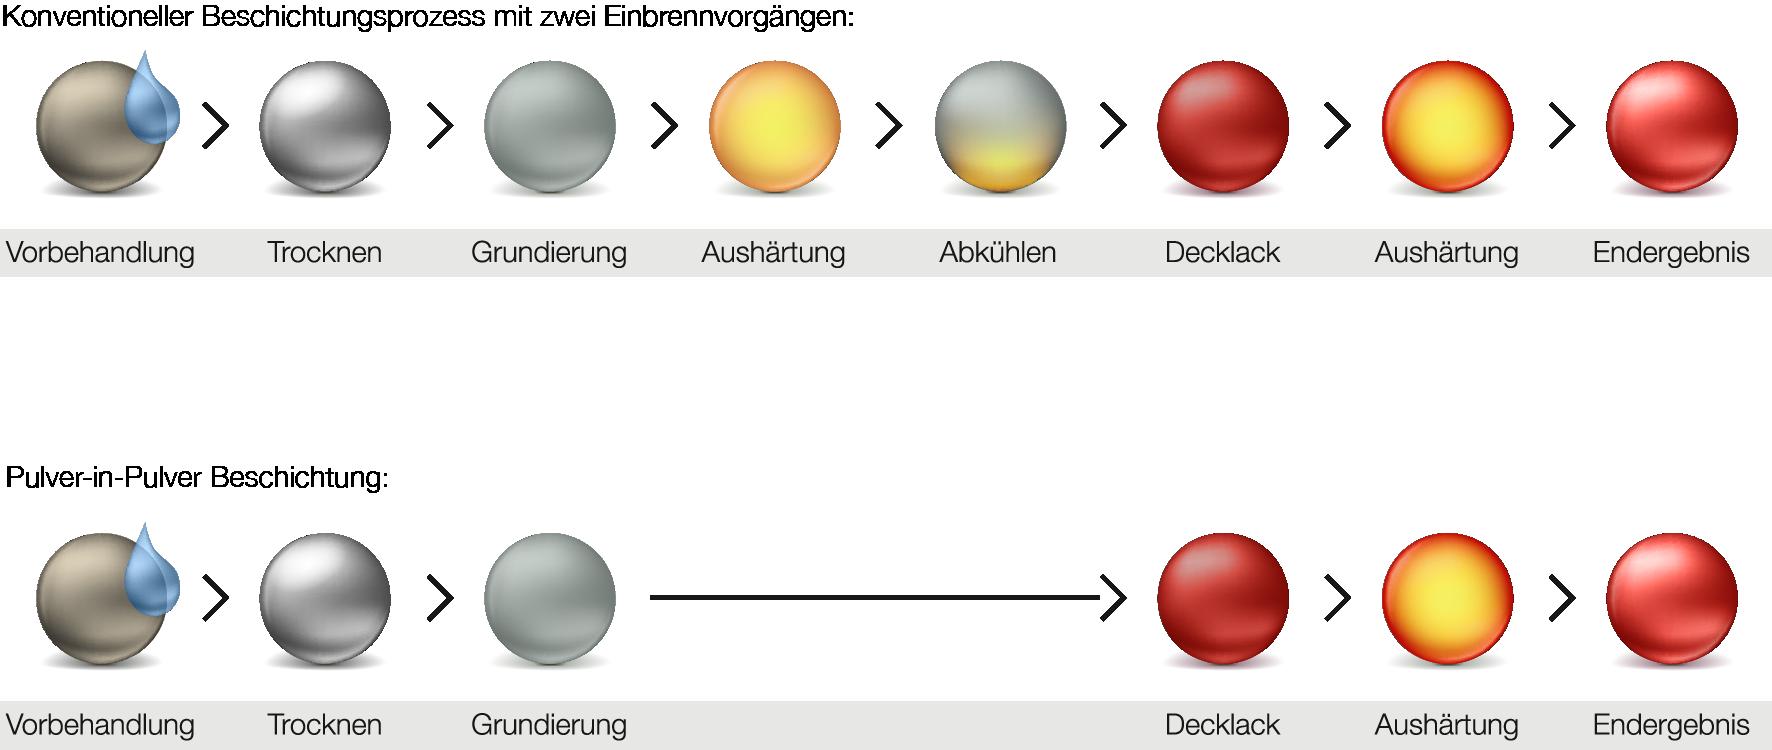 Pulver-in-Pulver Beschichtungsprozess